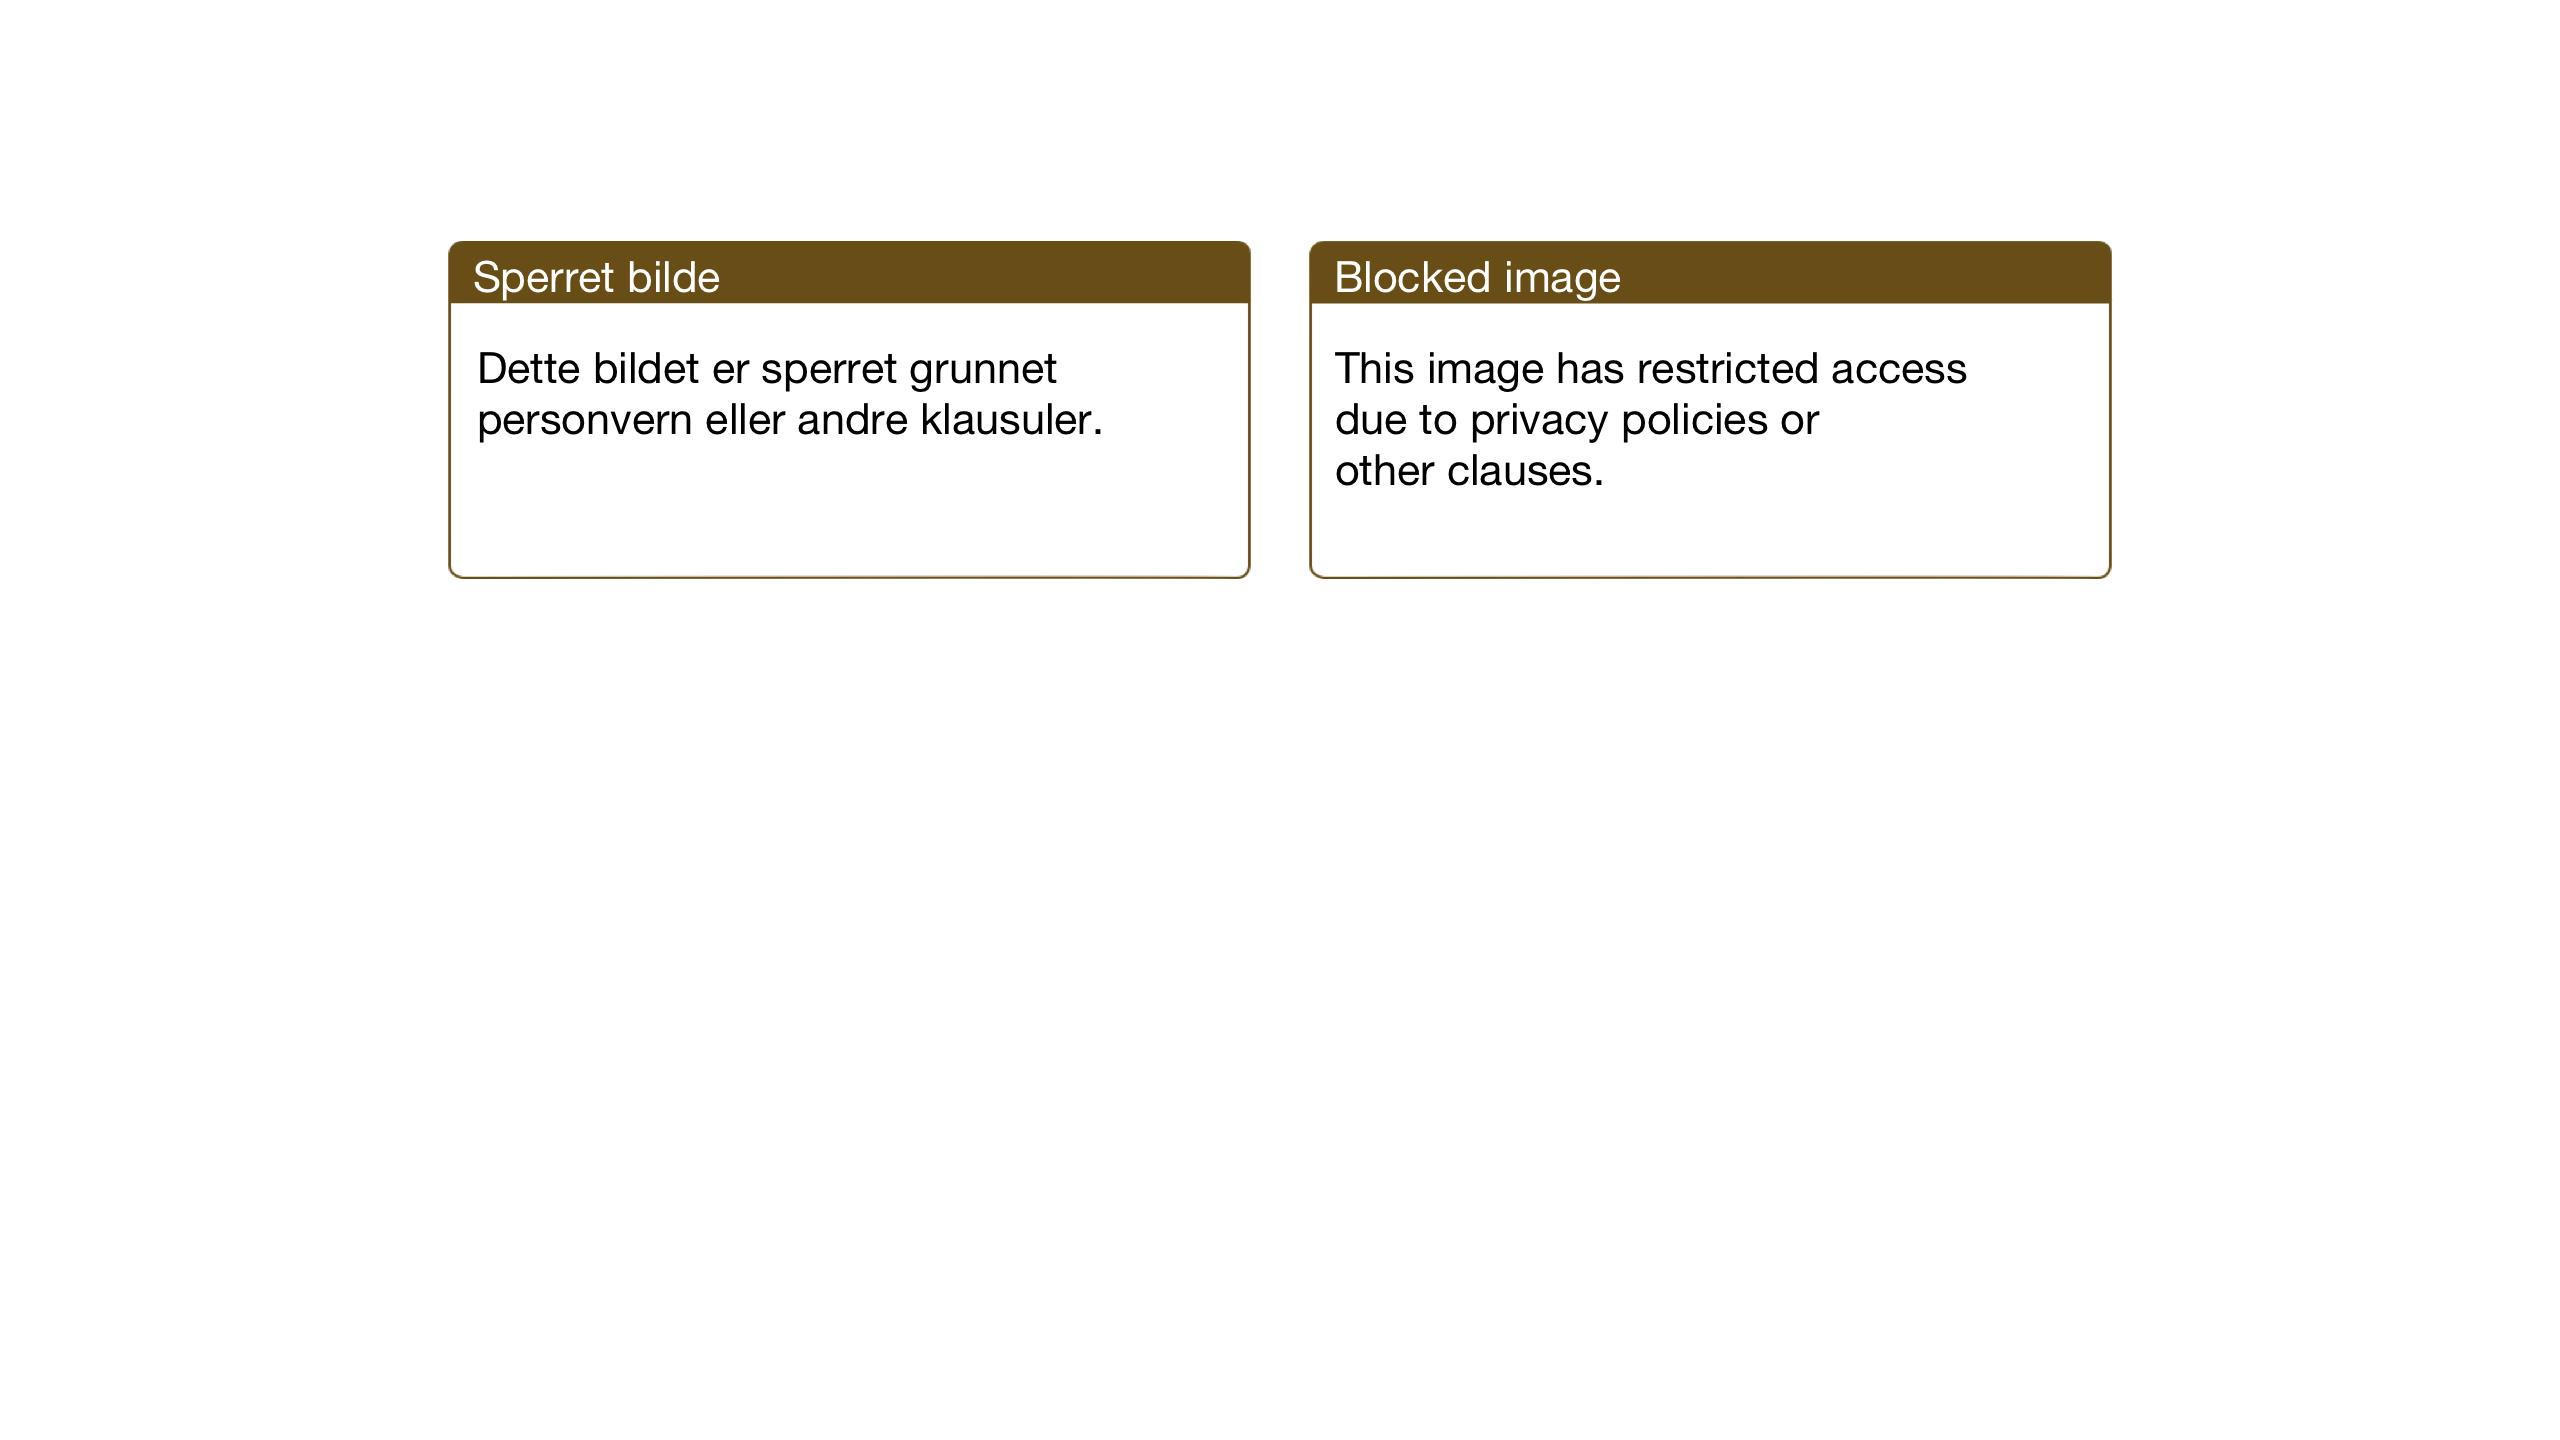 SAT, Ministerialprotokoller, klokkerbøker og fødselsregistre - Nord-Trøndelag, 768/L0583: Klokkerbok nr. 768C01, 1928-1953, s. 37